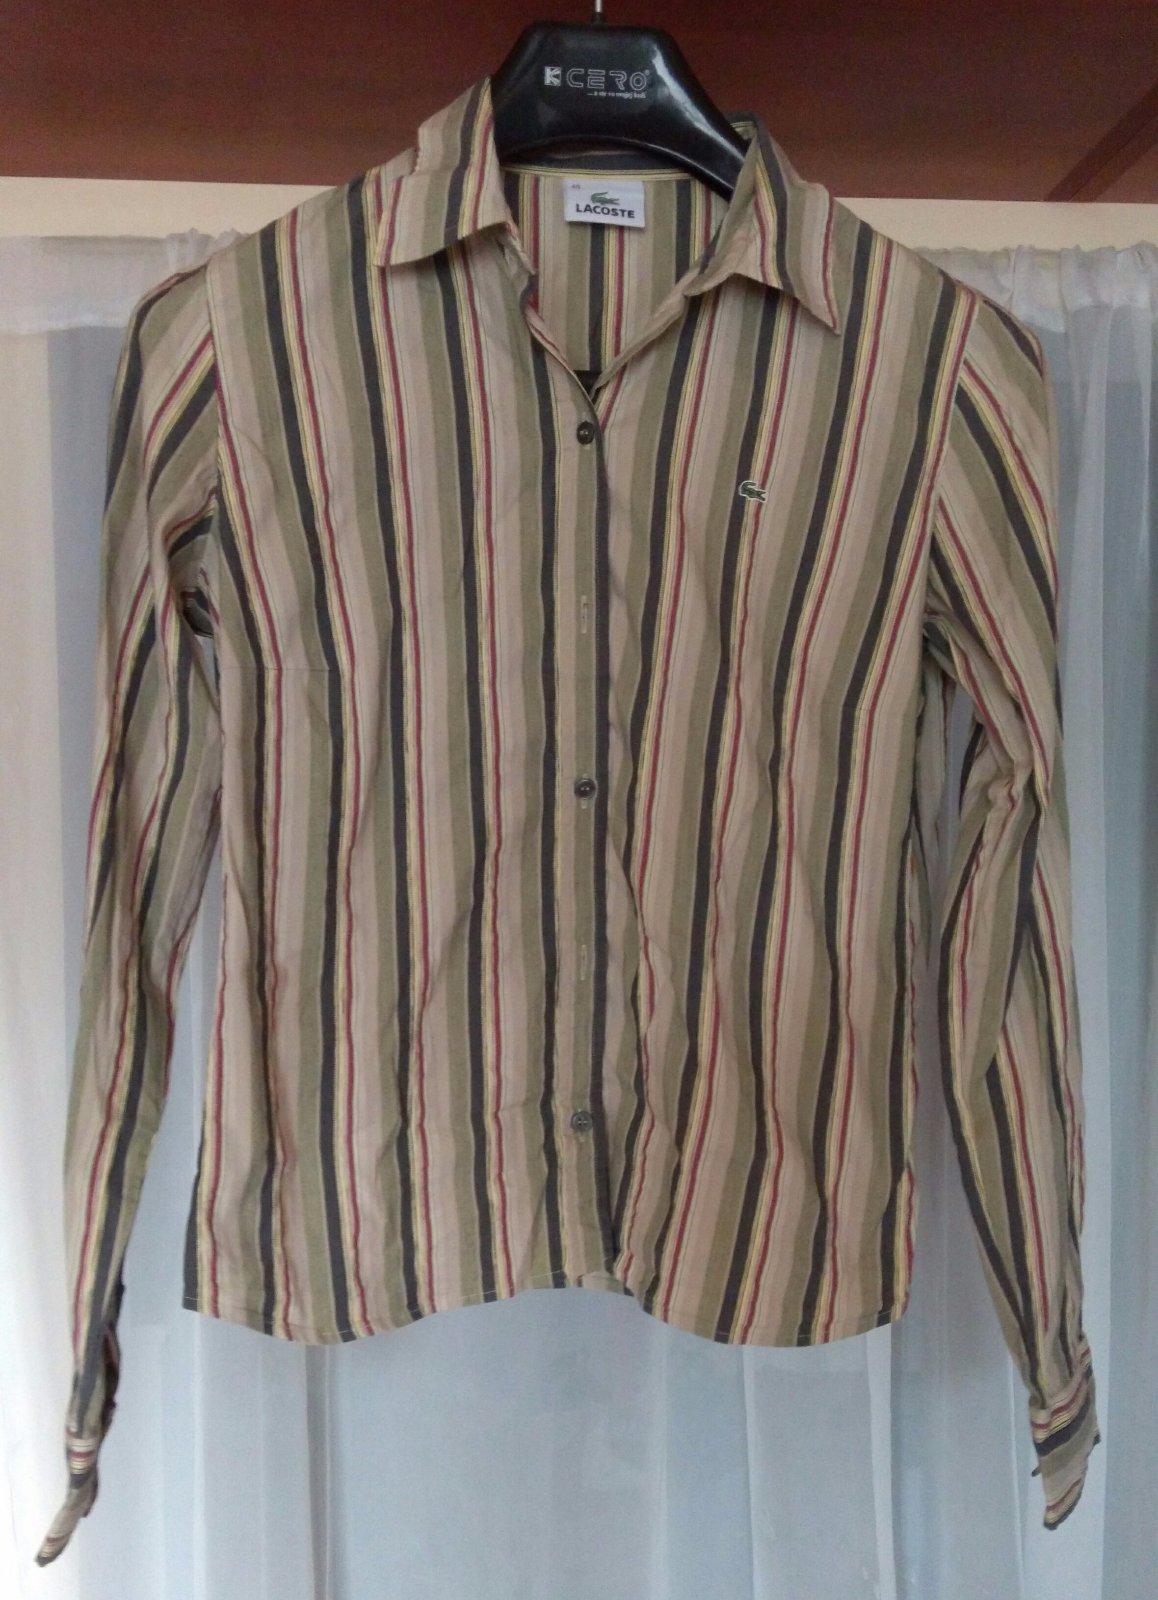 3cd28cf938155 Lacoste košeľa, lacoste,40 - 8,50 € od predávajúcej blanik88 | Detský bazár  | ModryKonik.sk